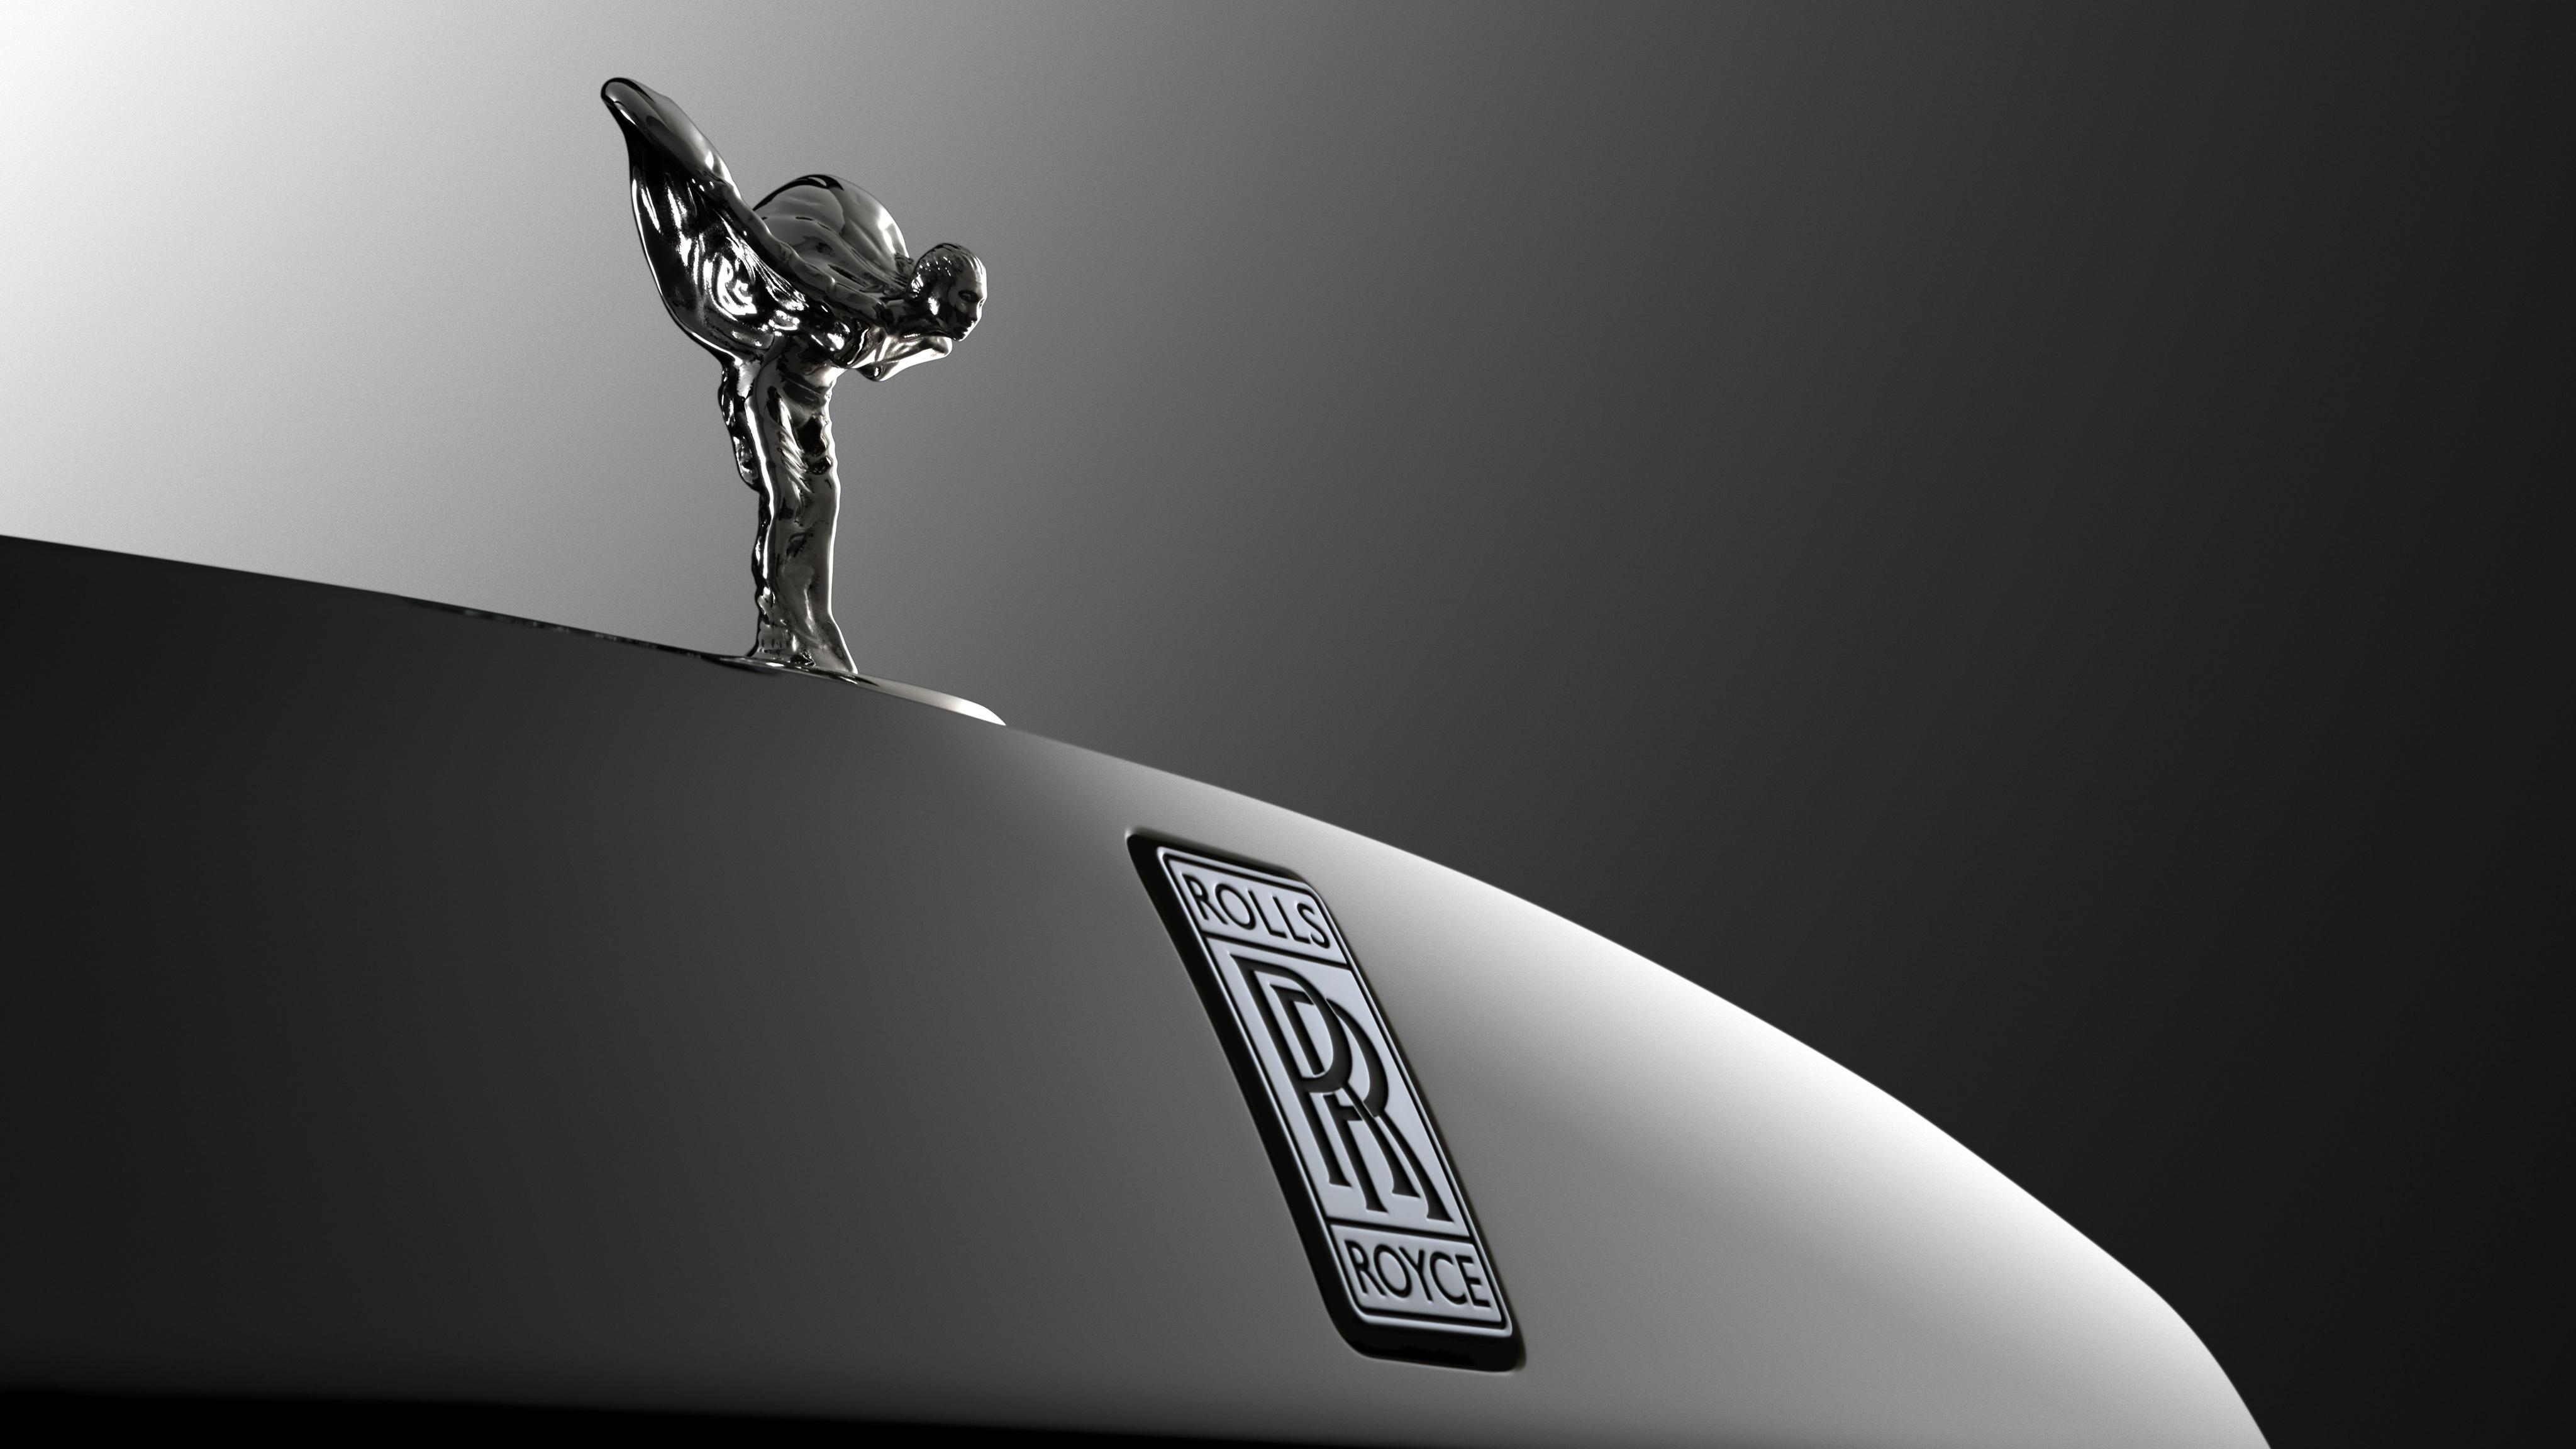 2017 Rolls Royce 4k Wallpaper Hd Car Wallpapers Id 8138